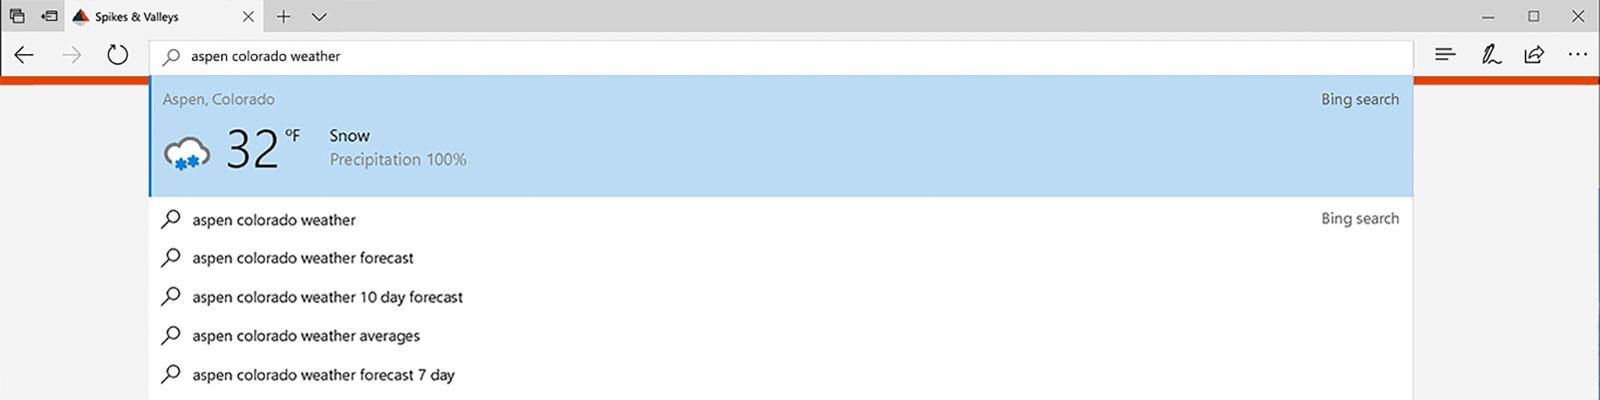 Microsoft Edge liefert sofort Antworten